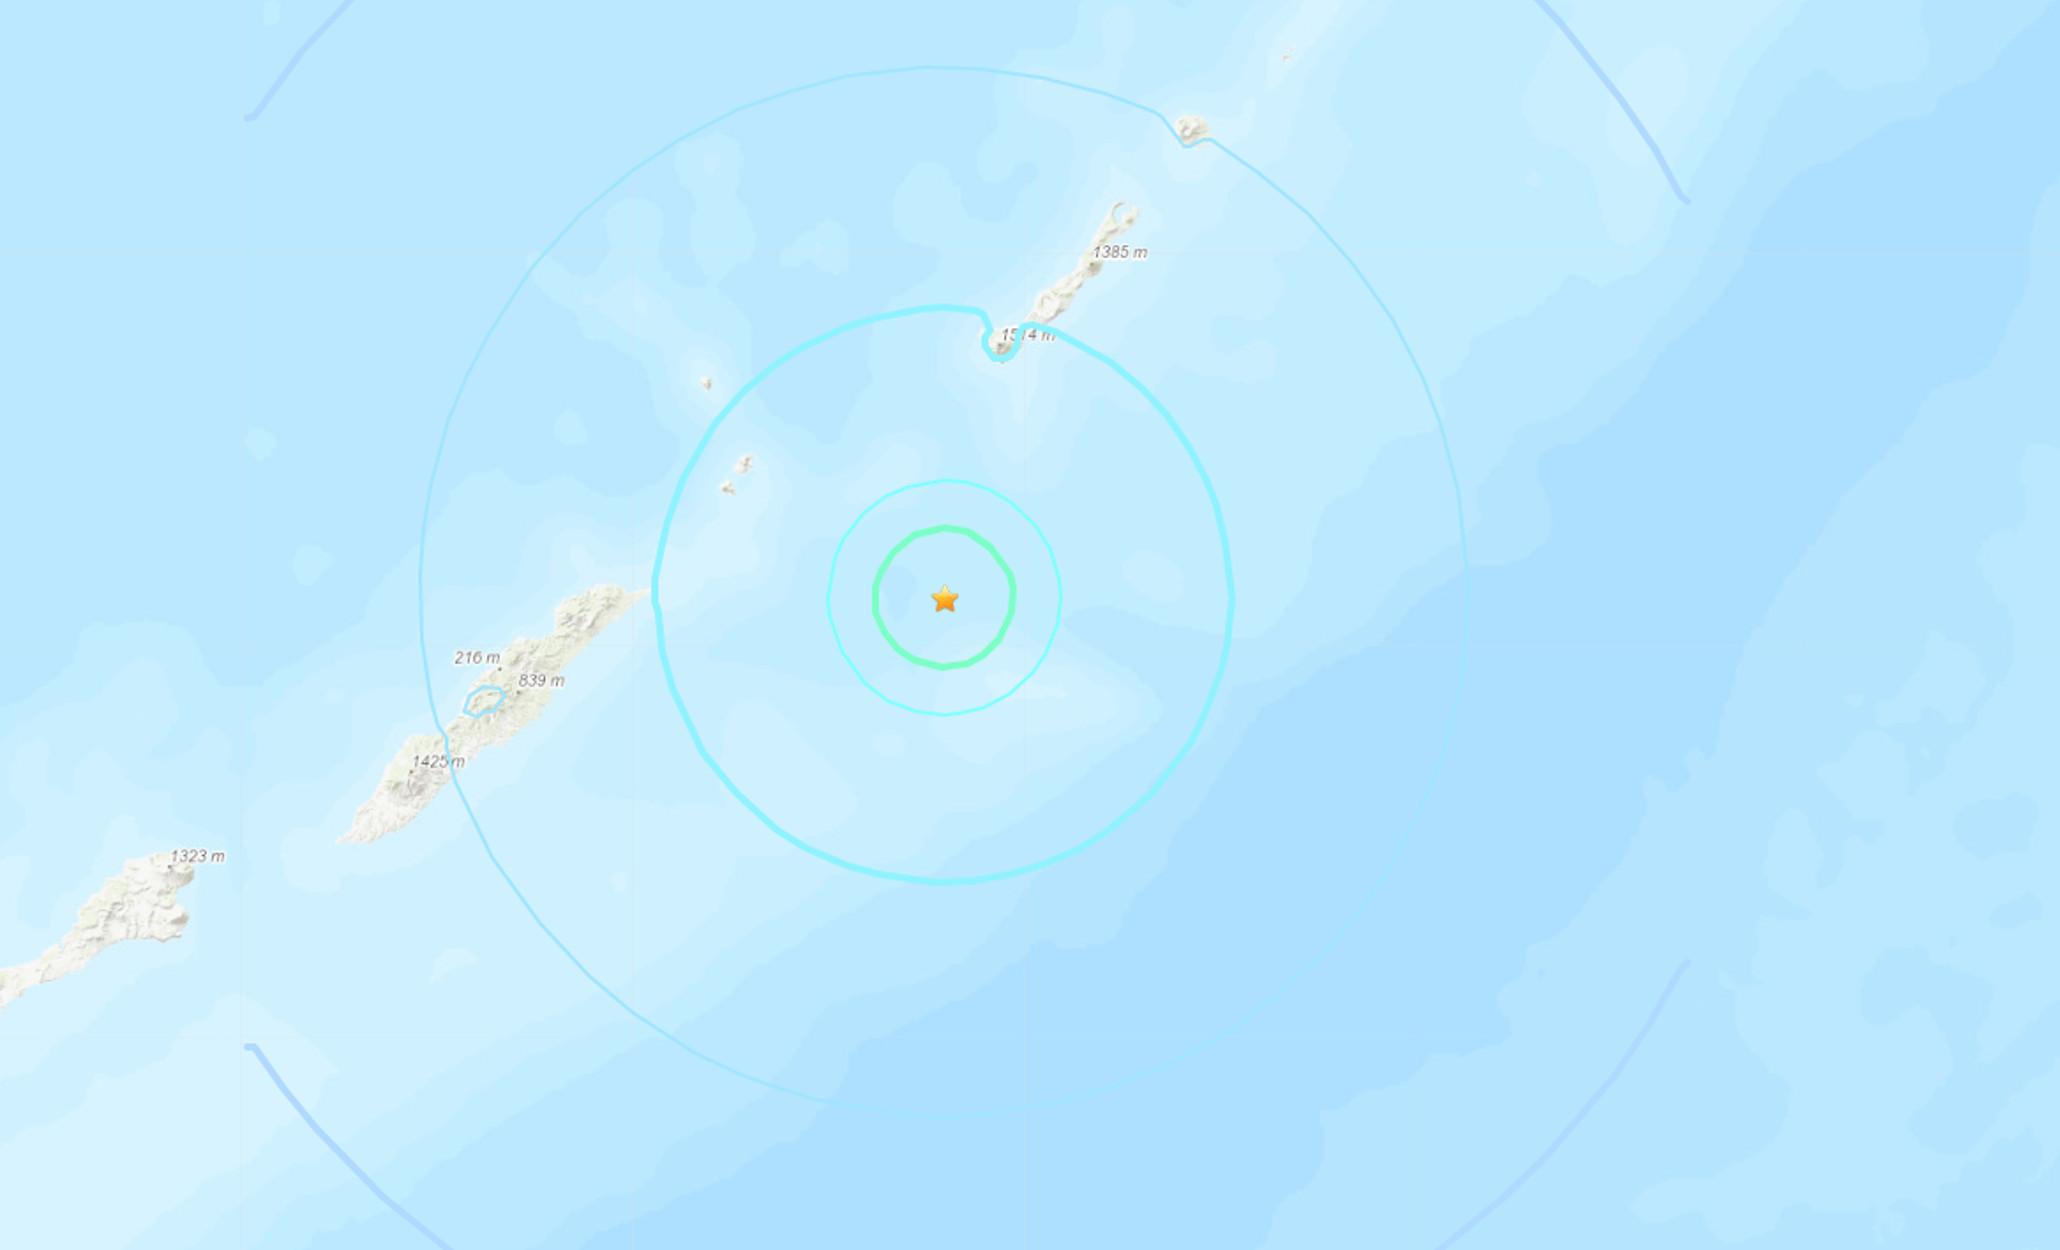 Σεισμός 5,6 Ρίχτερ στις Κουρίλες νήσους